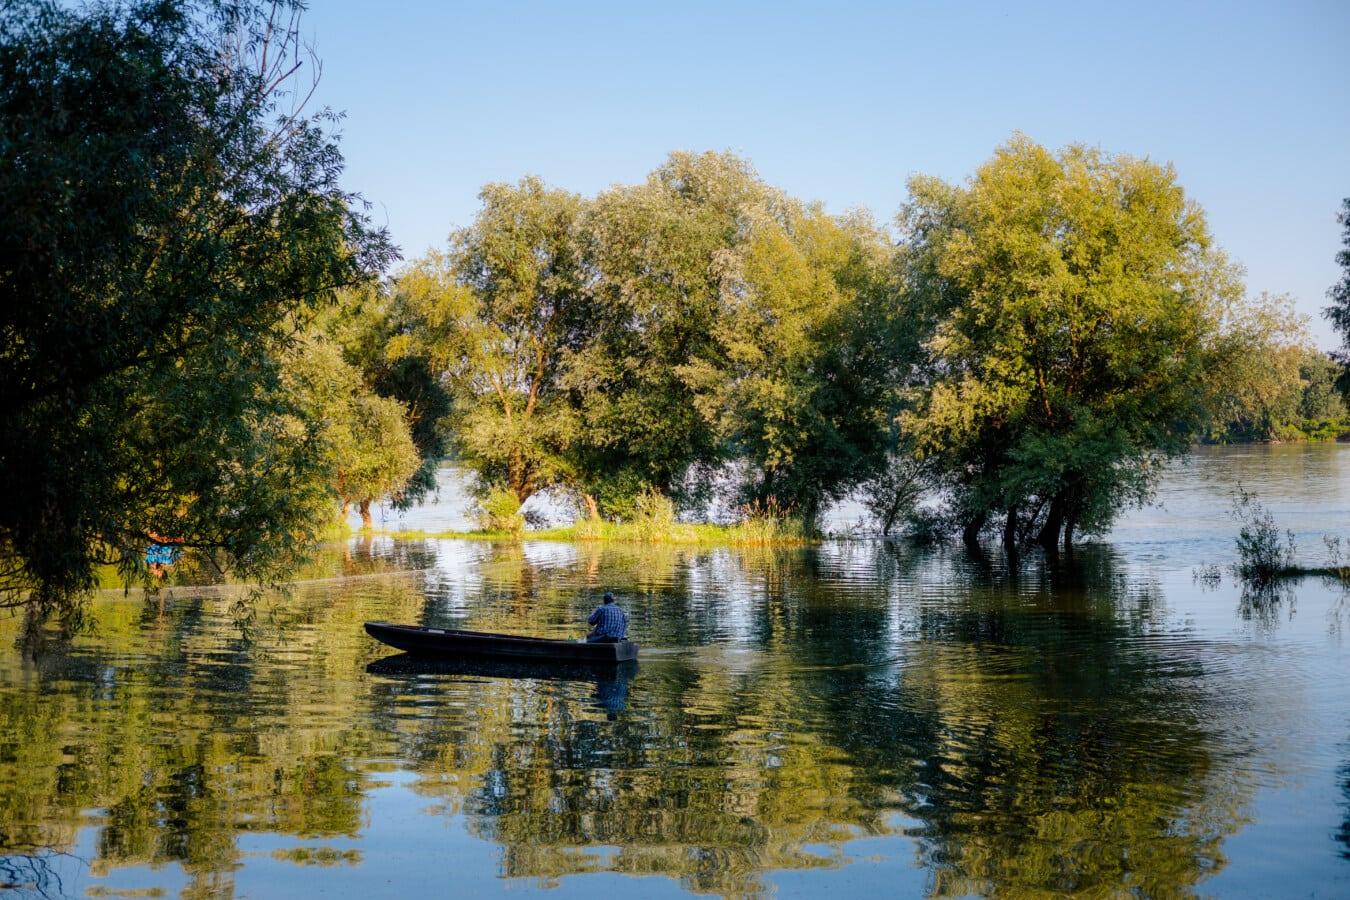 Paddel, Flussschiff, Mann, Aue, Stock, Flussufer, Frühling, Fluss, Wasser, Reflexion